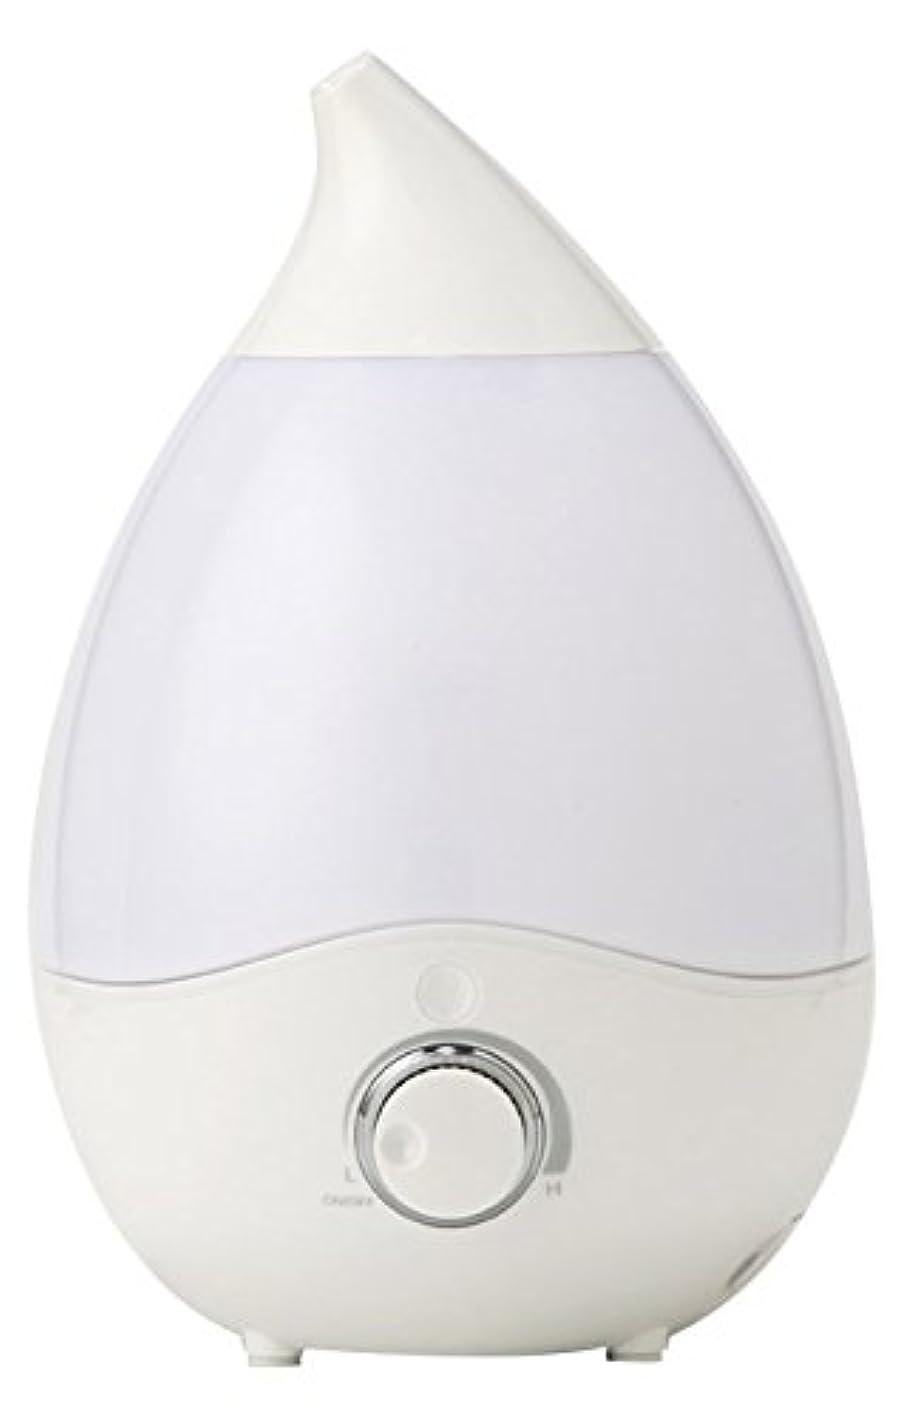 やる月ハリケーンVERSOS お部屋にうるおい 抗菌安全 超音波加湿器 アロマディフューザー 7色LEDグラデーション インテリアとしても VS-U20